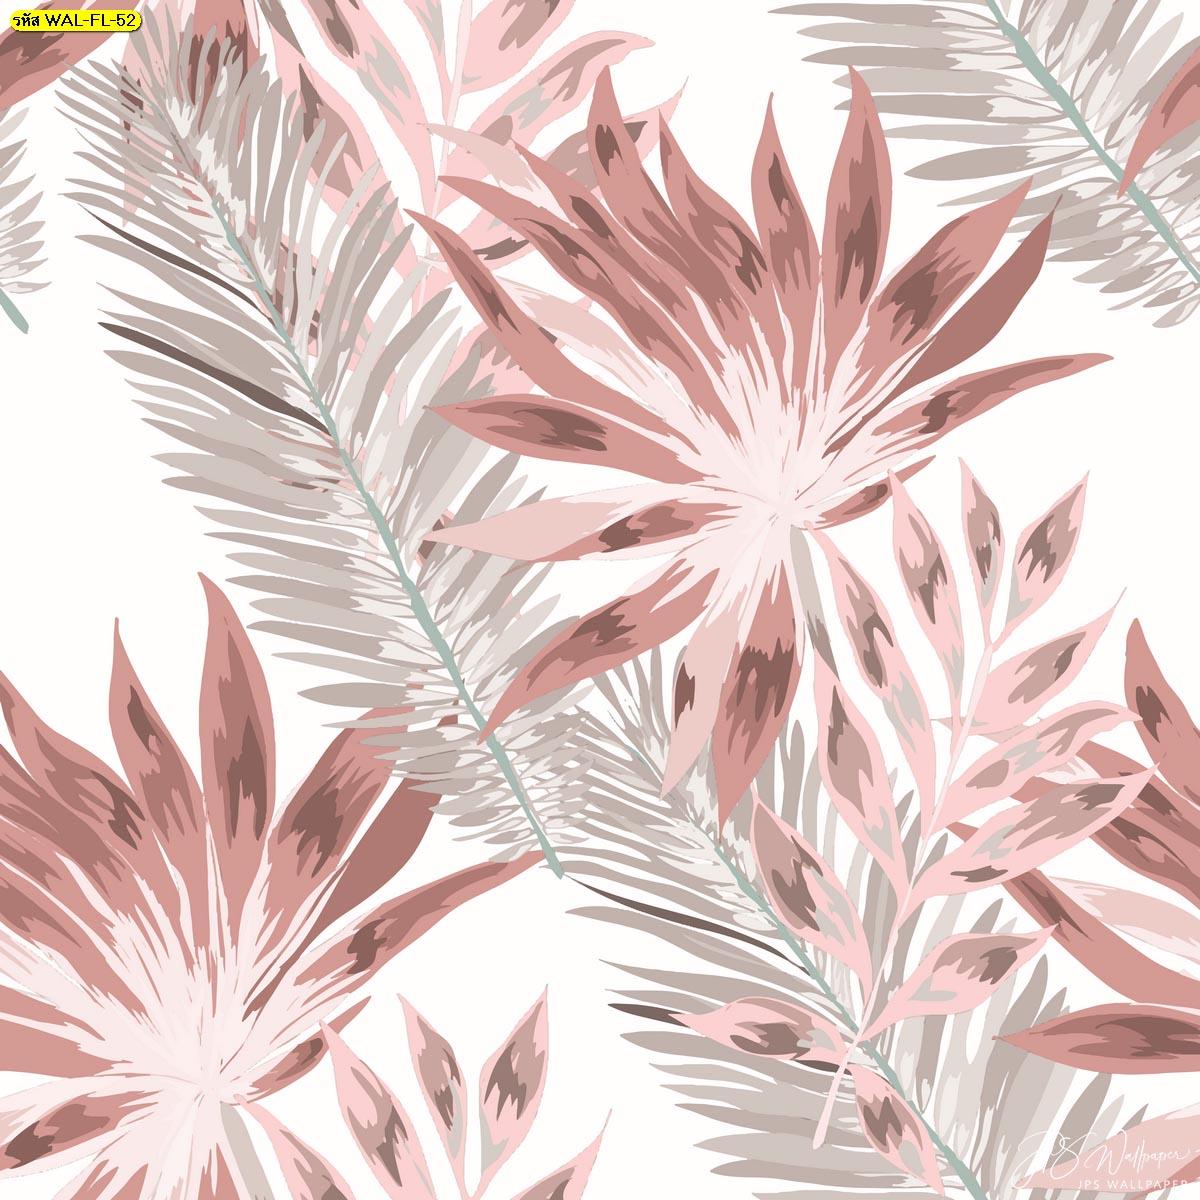 วอลเปเปอร์ลายใบไม้และขนนกพื้นหลังสีขาว ภาพสั่งพิมพ์ลายขนนกสวยๆ